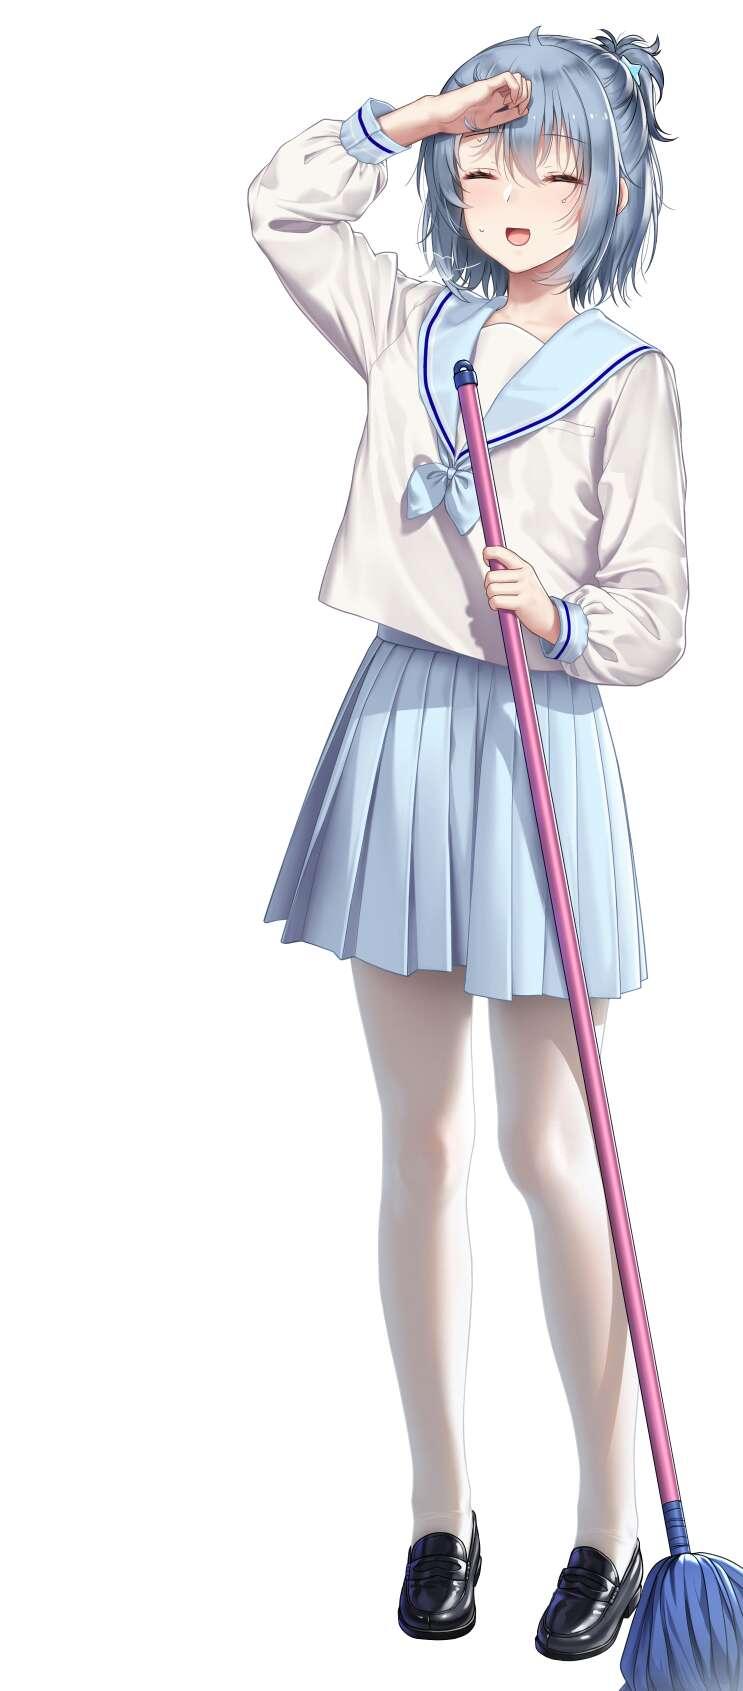 【图片】分享一张图,韩国校园百合漫画图片大全-小柚妹站